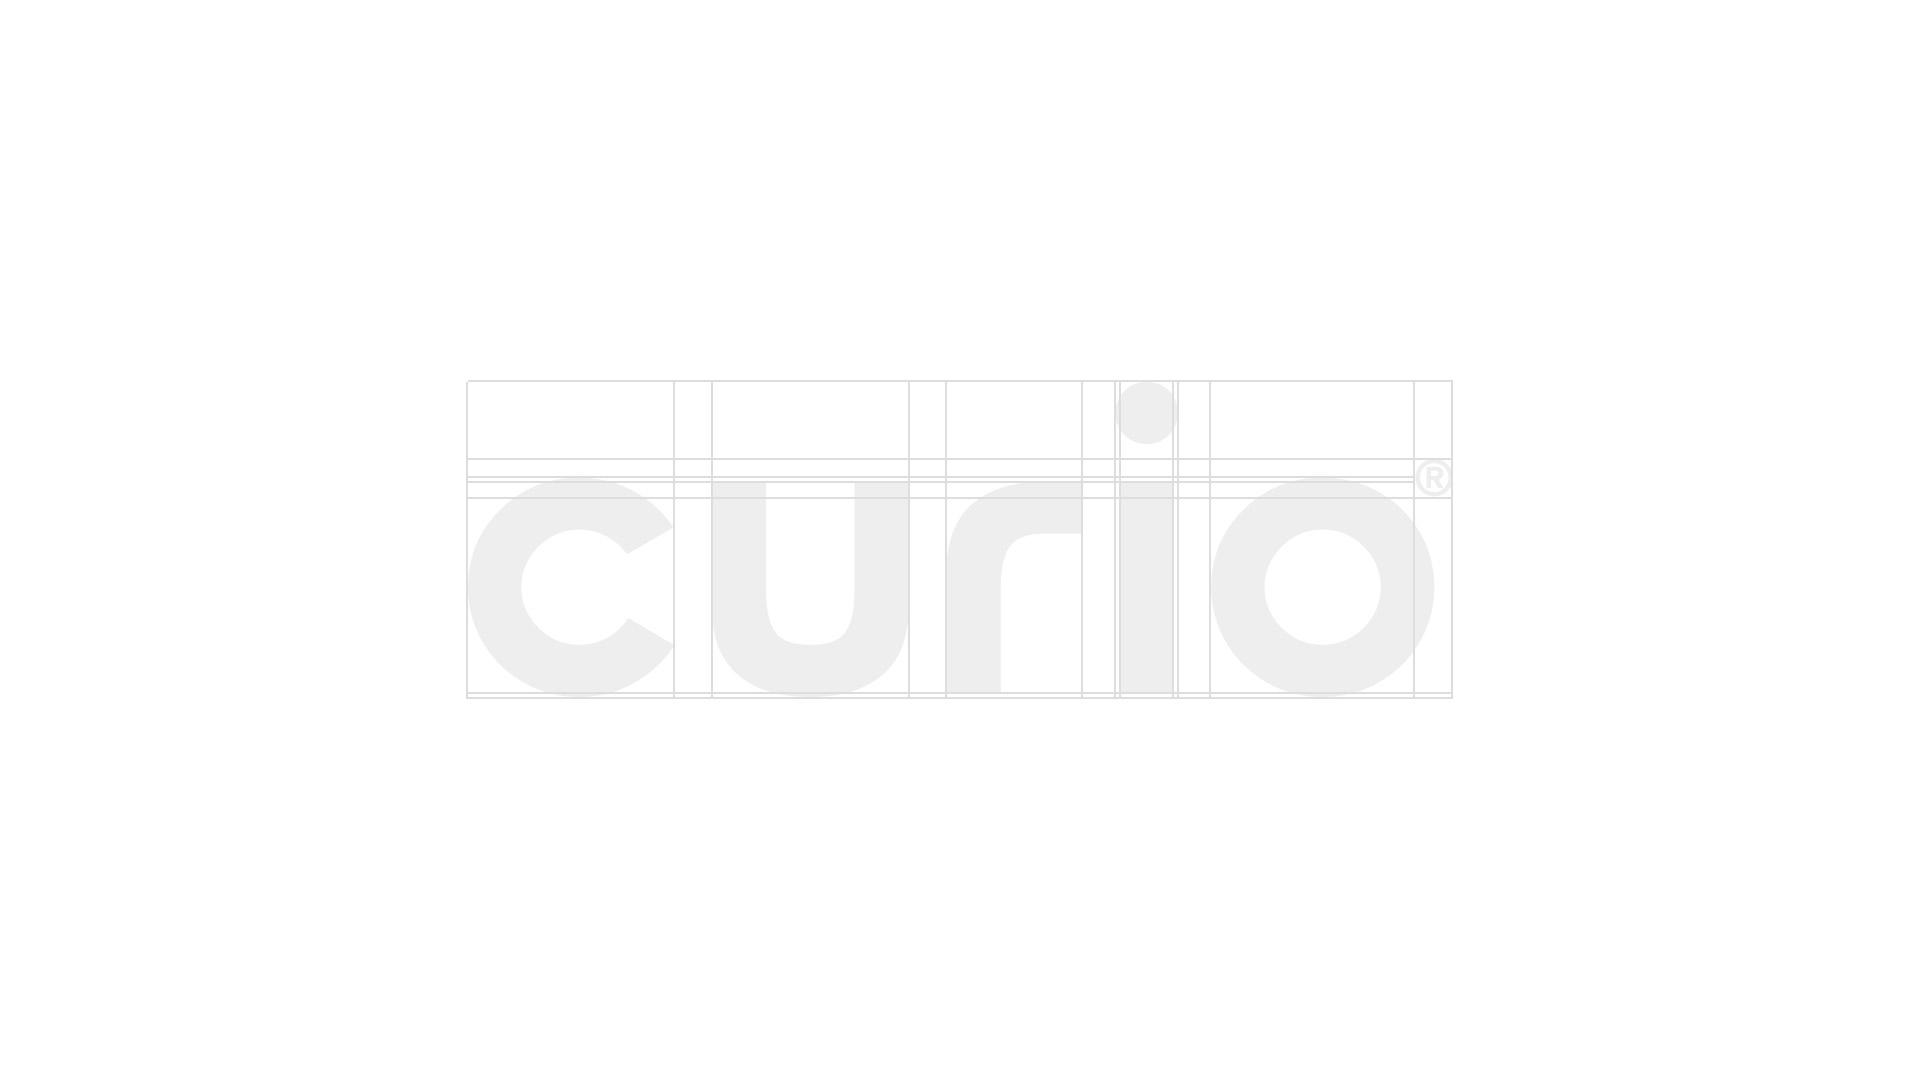 curio7